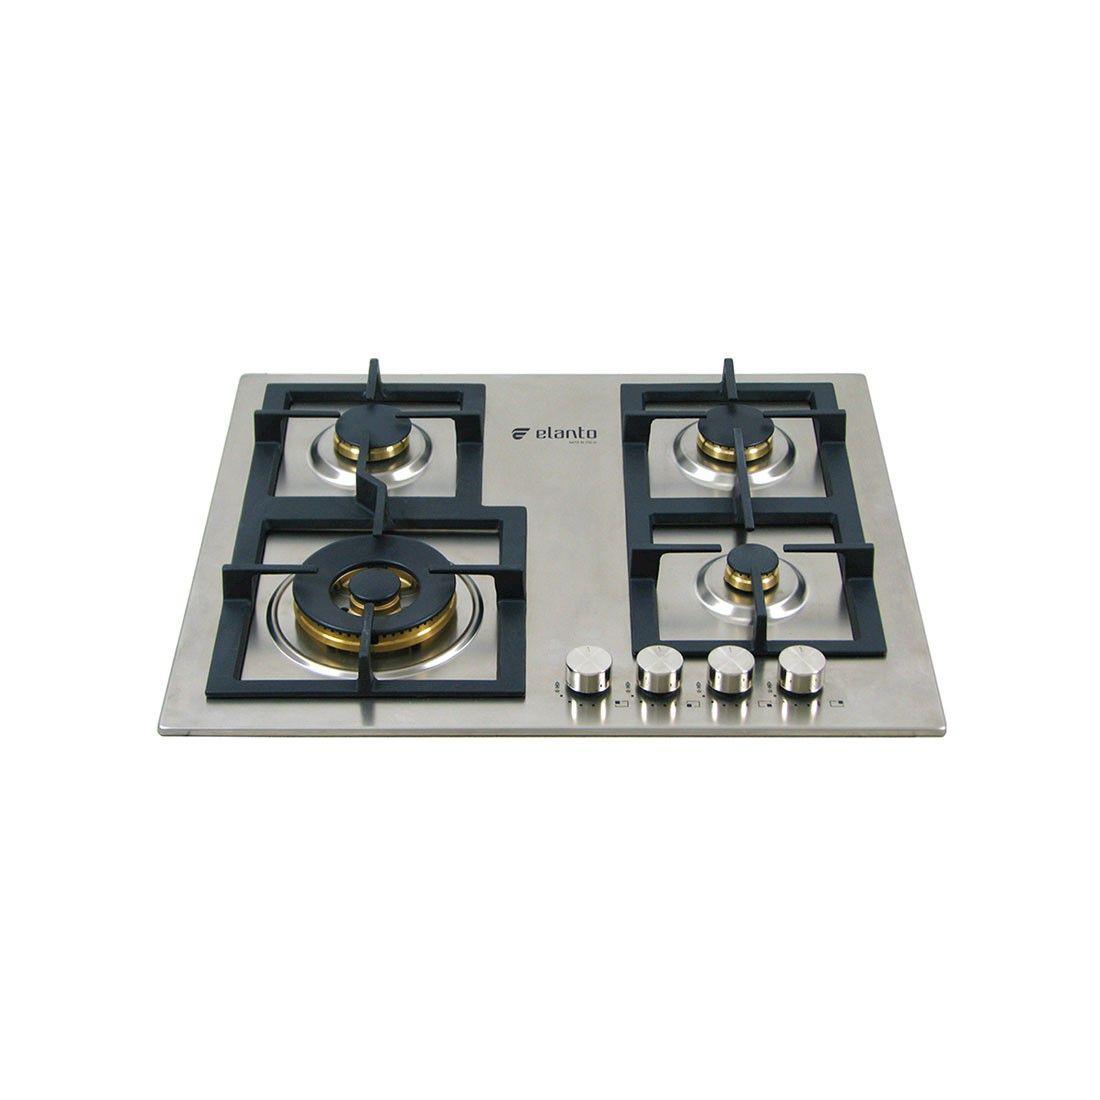 Cooktop Professionale Elanto Semiprofissional a Gás 4 Bocas Inox 60cm 220V